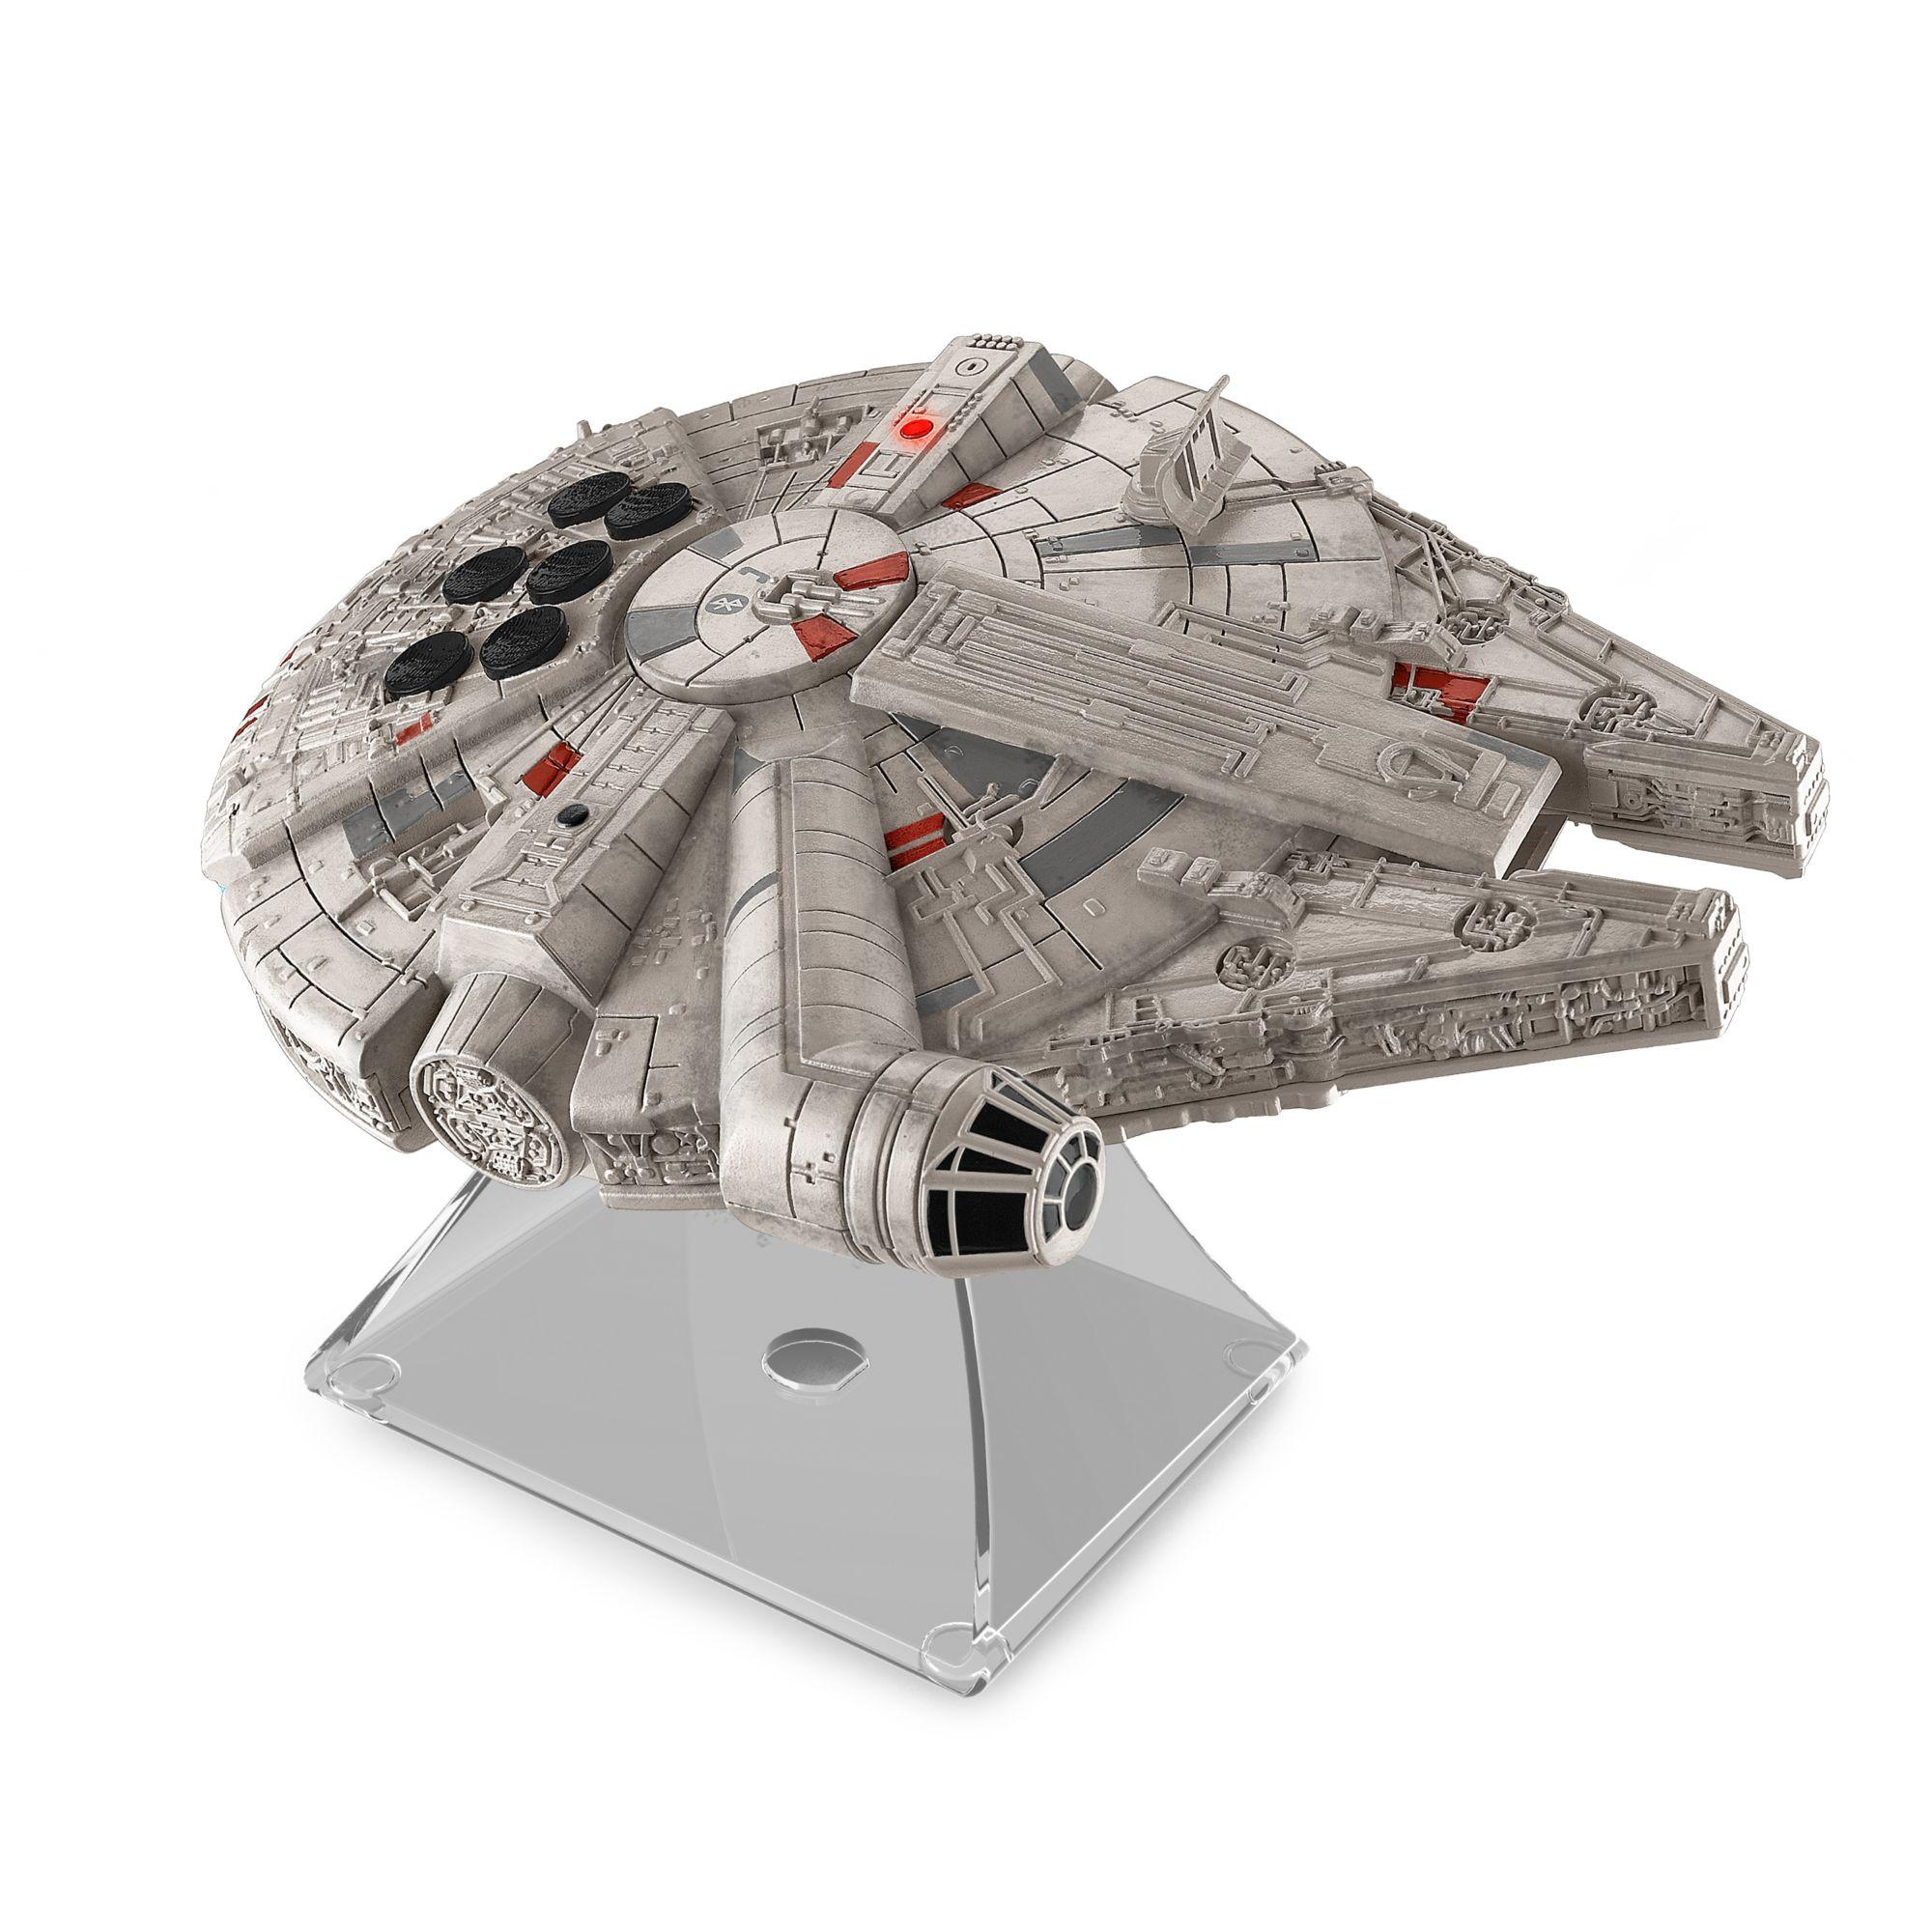 IHOME iHome Bluetooth®-Lautsprecher im Star Wars? Millennium Falcon? Design »Li-B17«